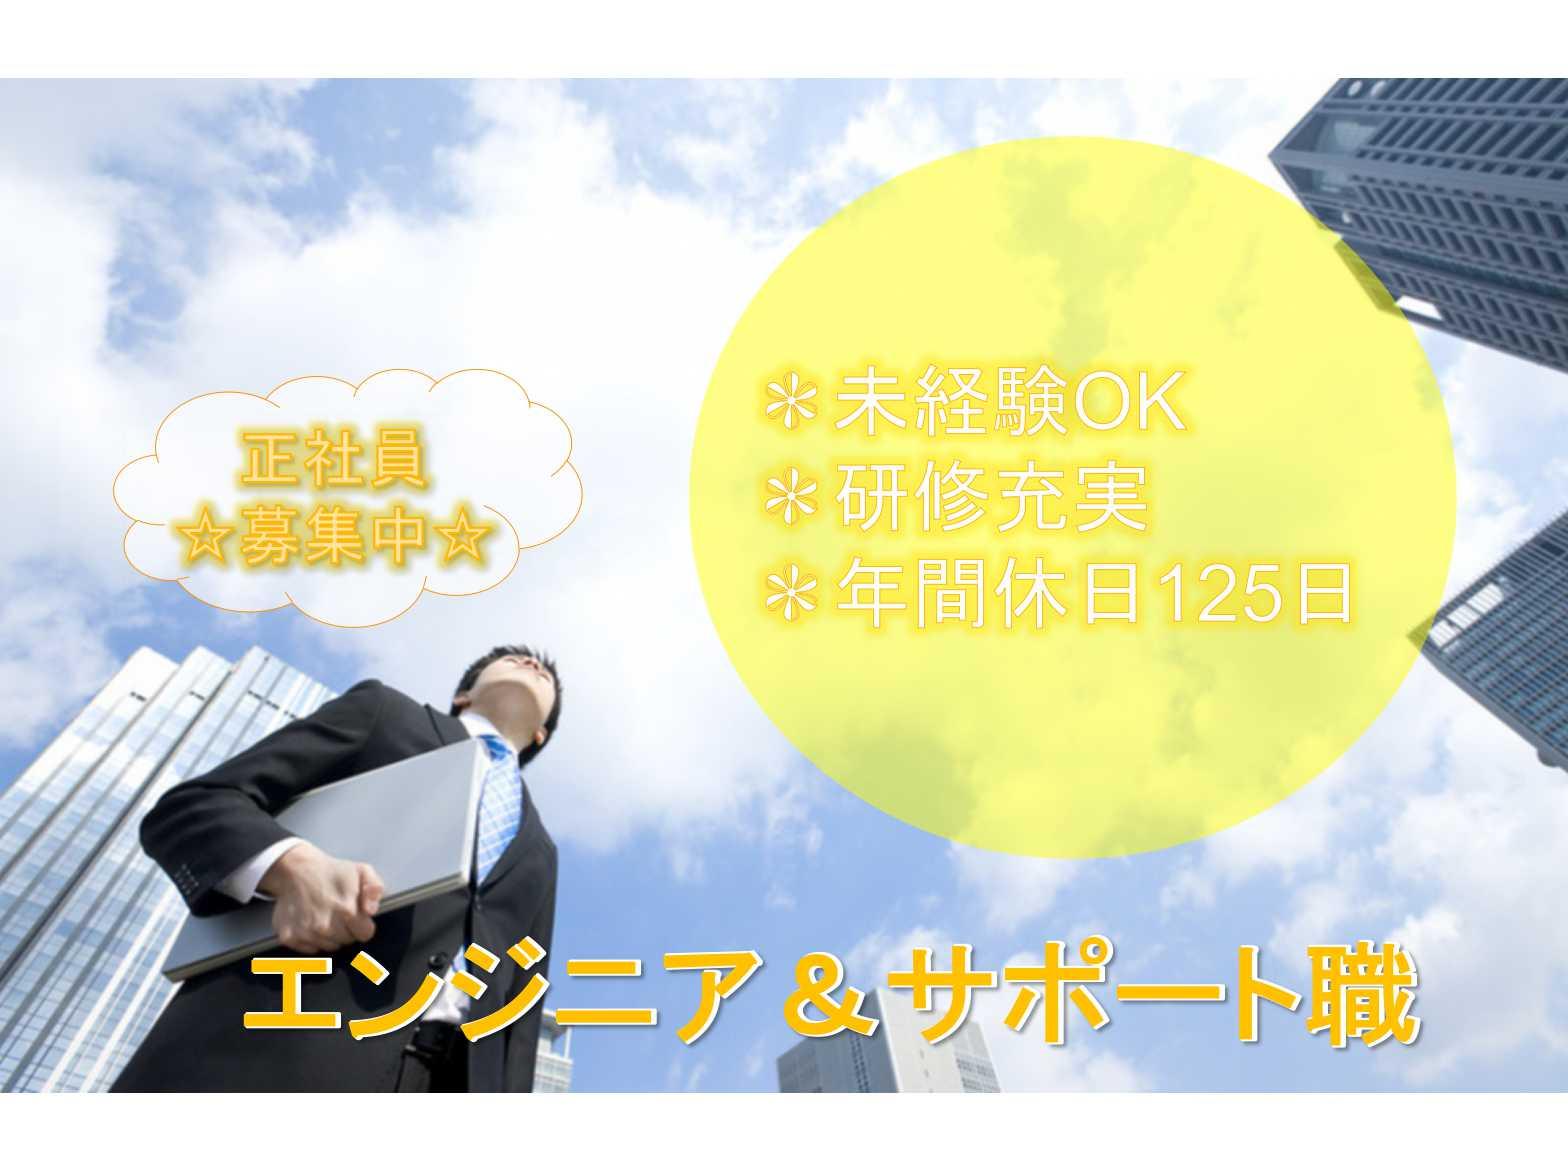 【神奈川県全域】❃研修充実❃年間休日125日❃エンジニア&サポート職❃正社員募集中❃ イメージ